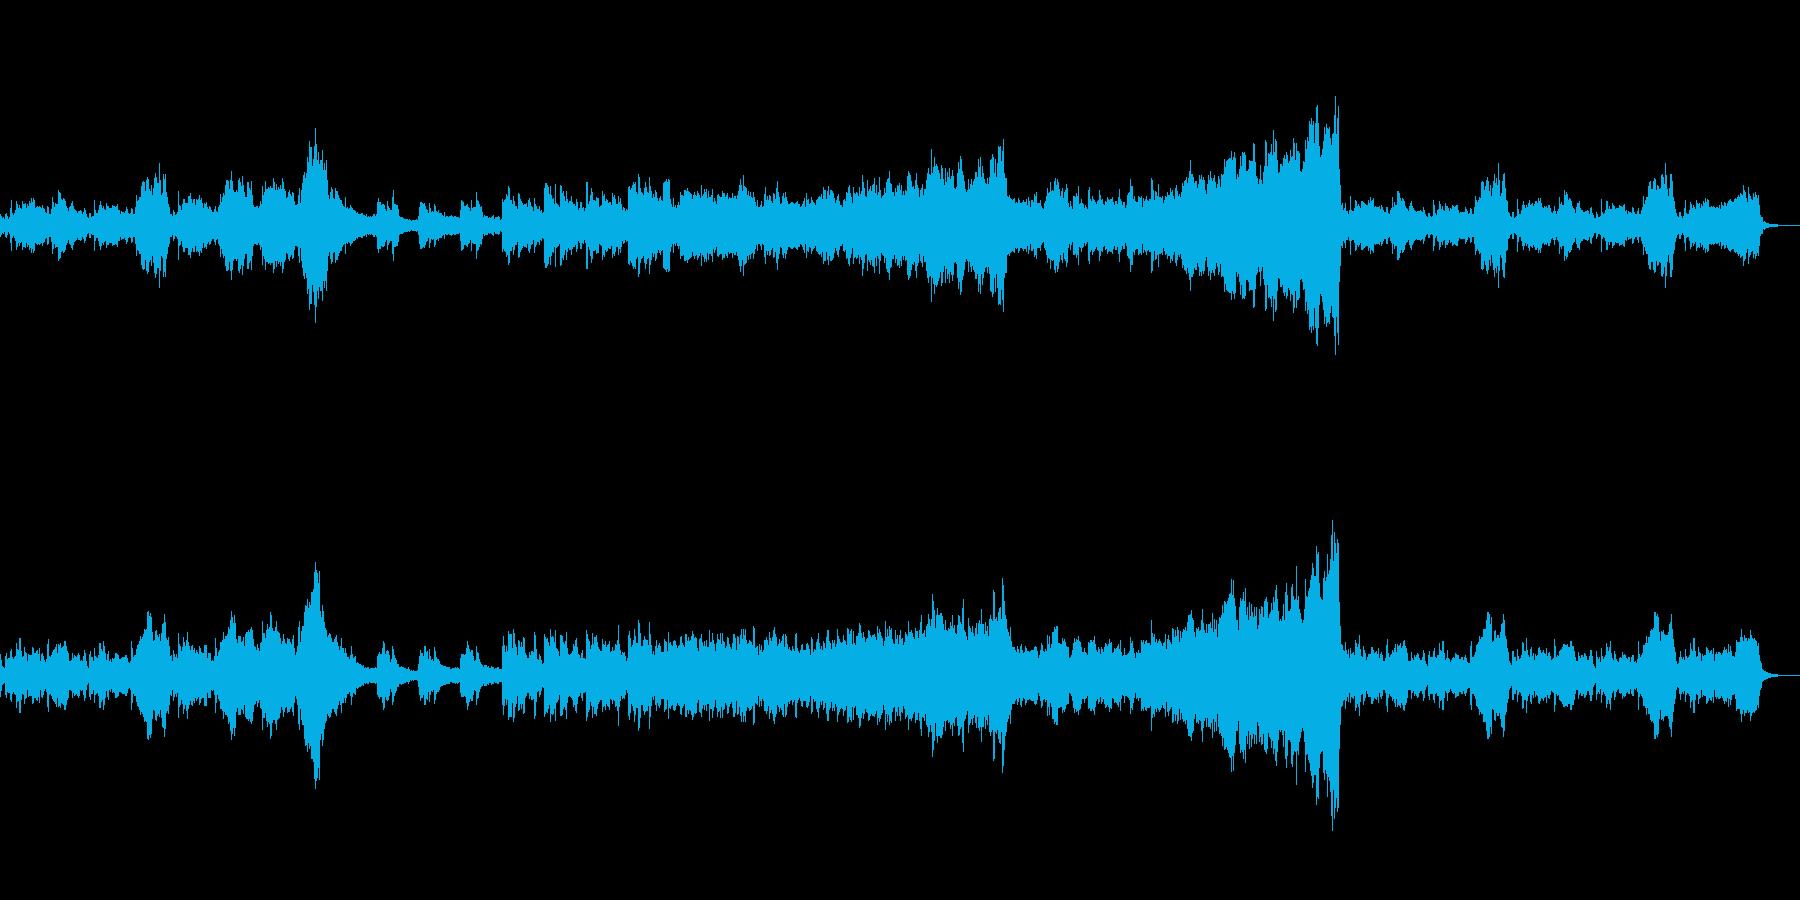 幻想的・アンビエント的なオーケストラ曲の再生済みの波形